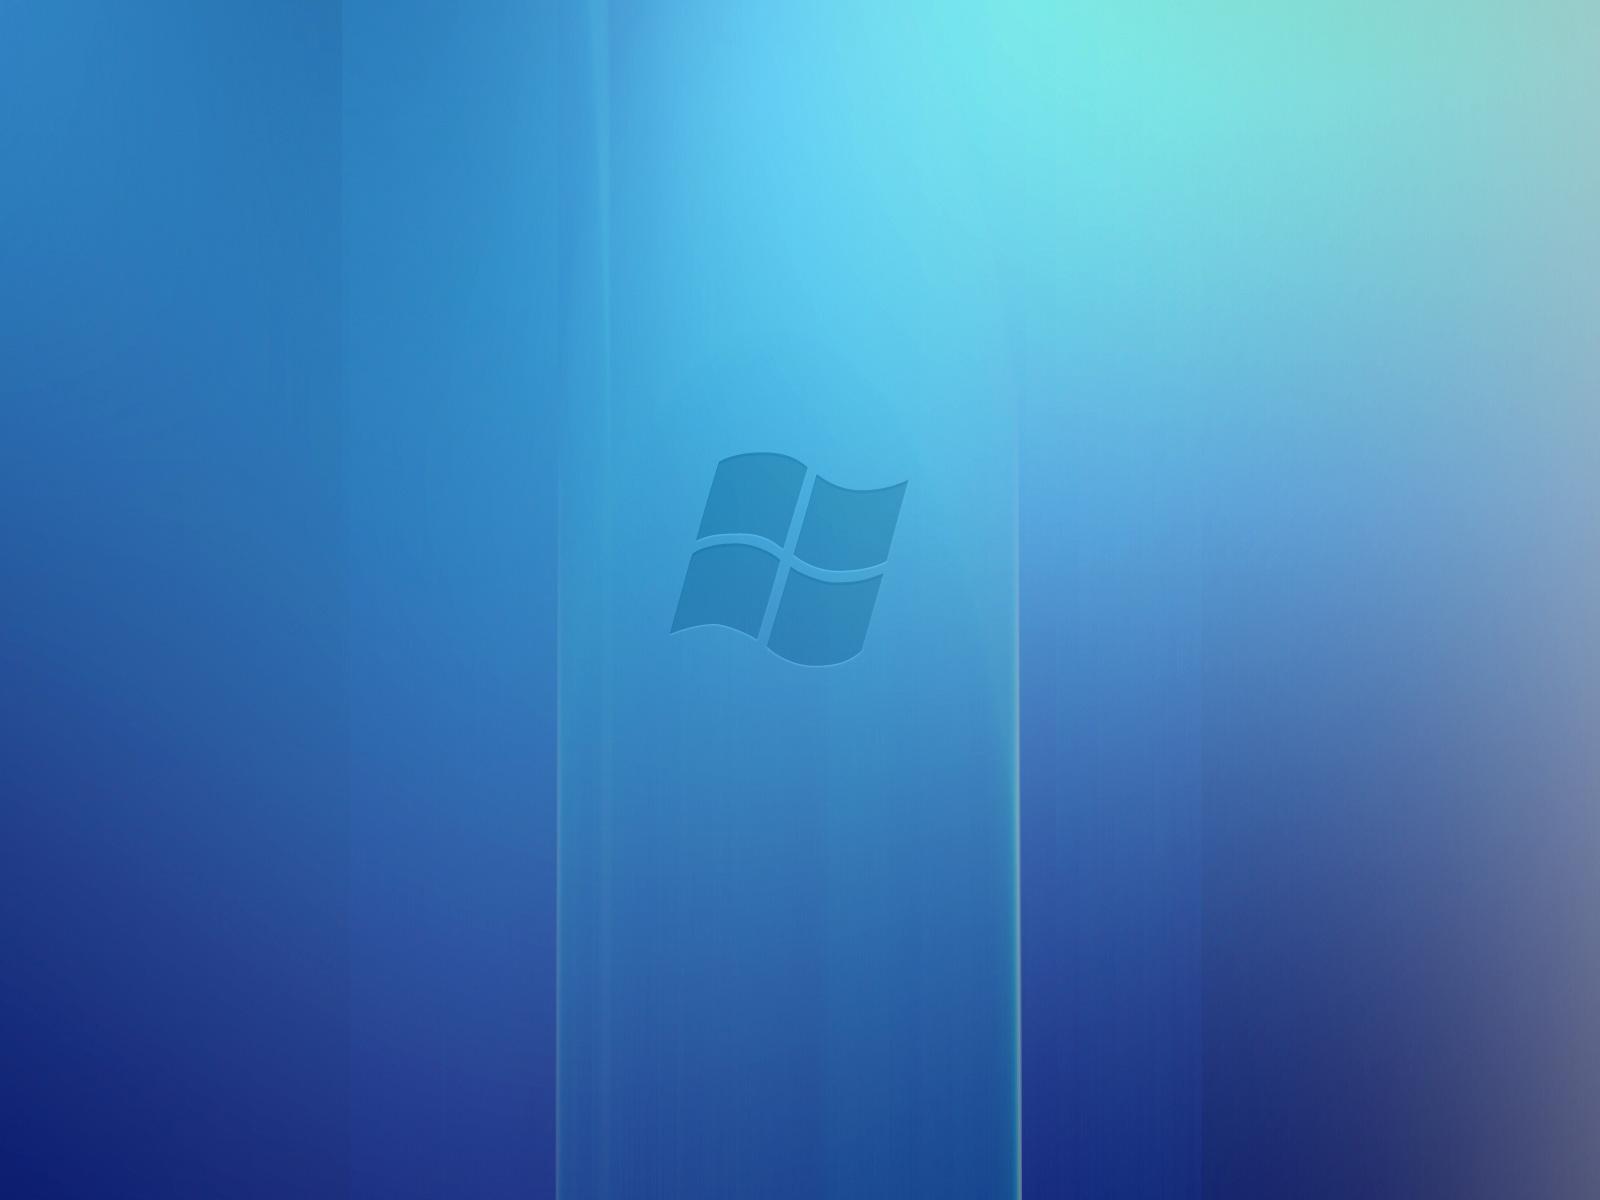 Microsoft Blue Wallpaper - WallpaperSafari